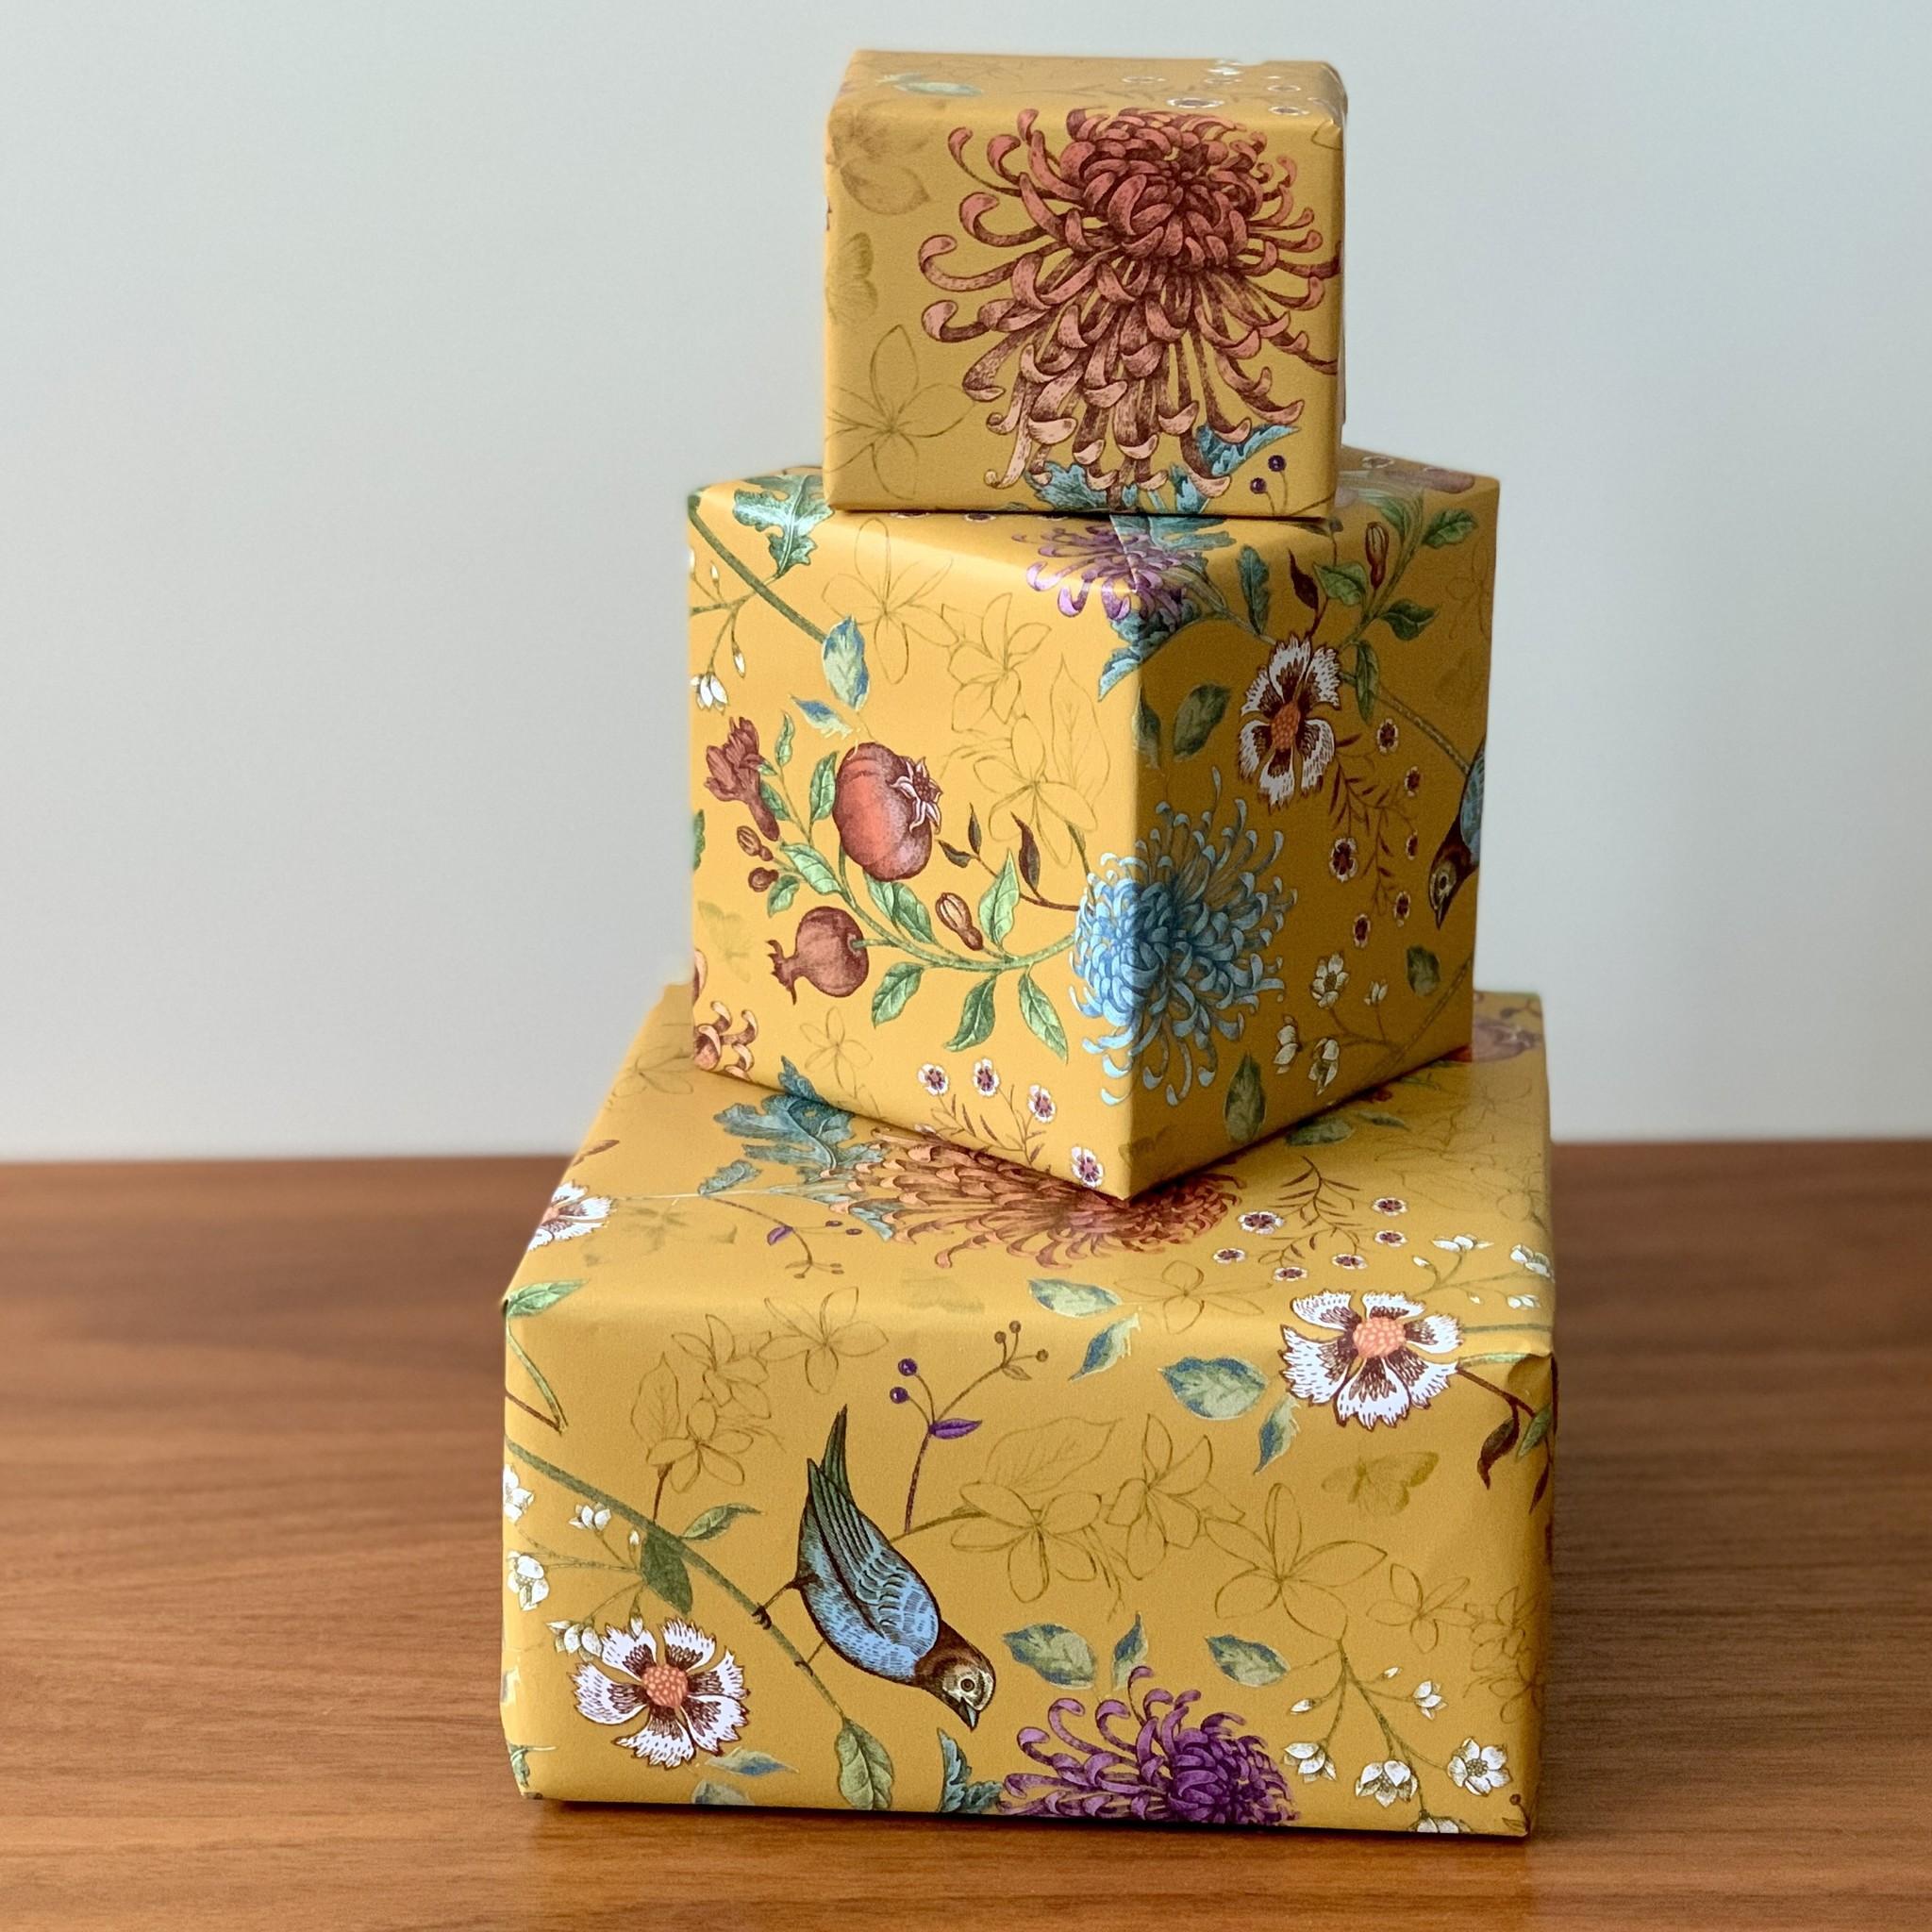 Cadeau verpakking met persoonlijke boodschap-1